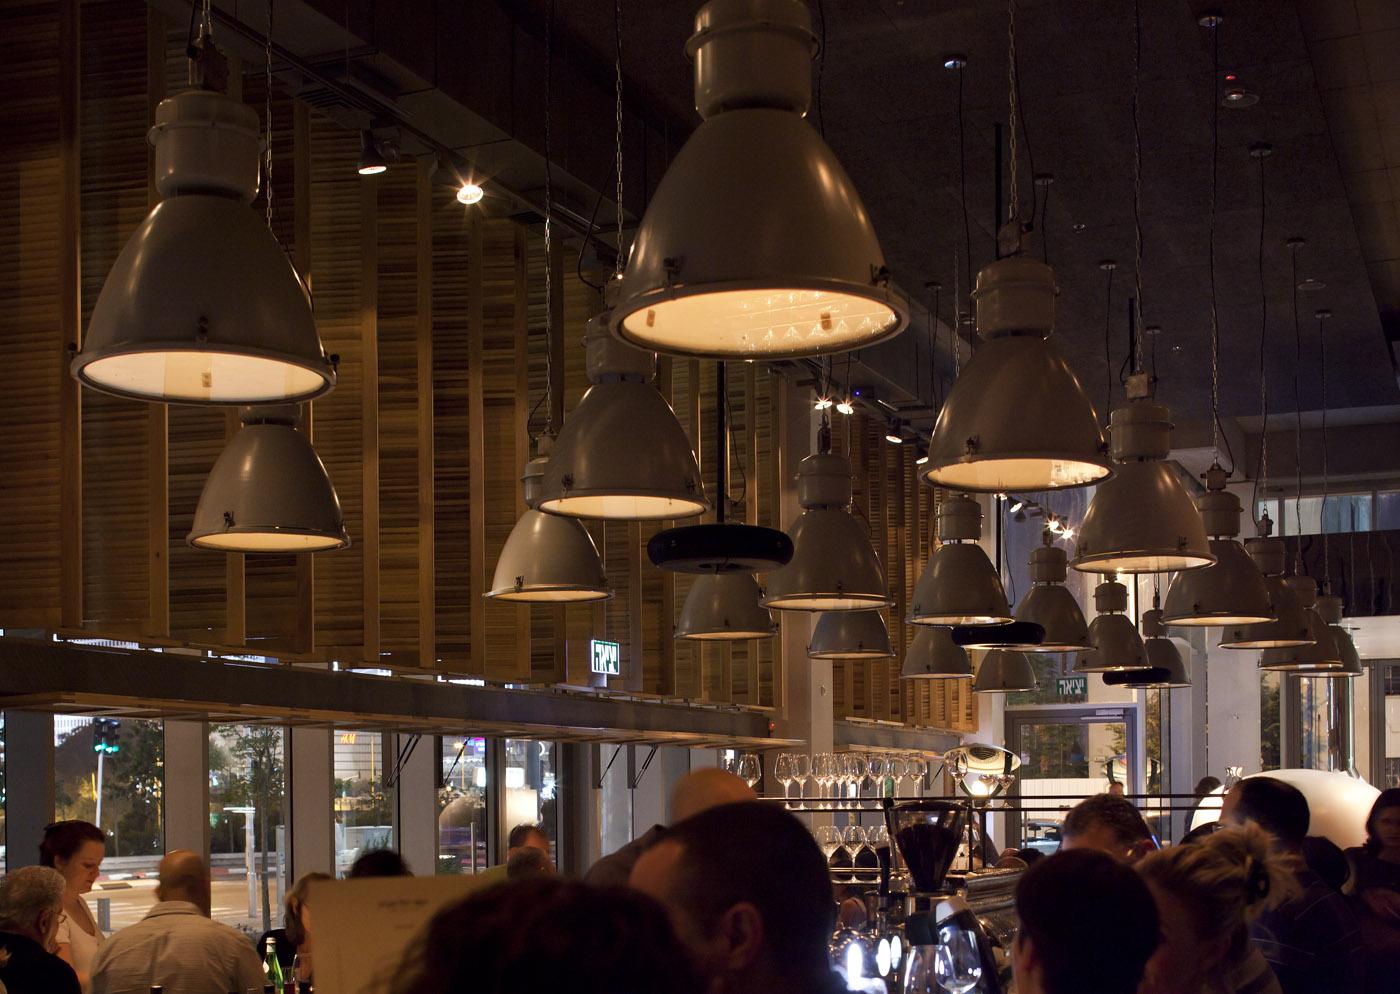 מסעדת יפו - תל אביב. צילום: יחסי ציבור